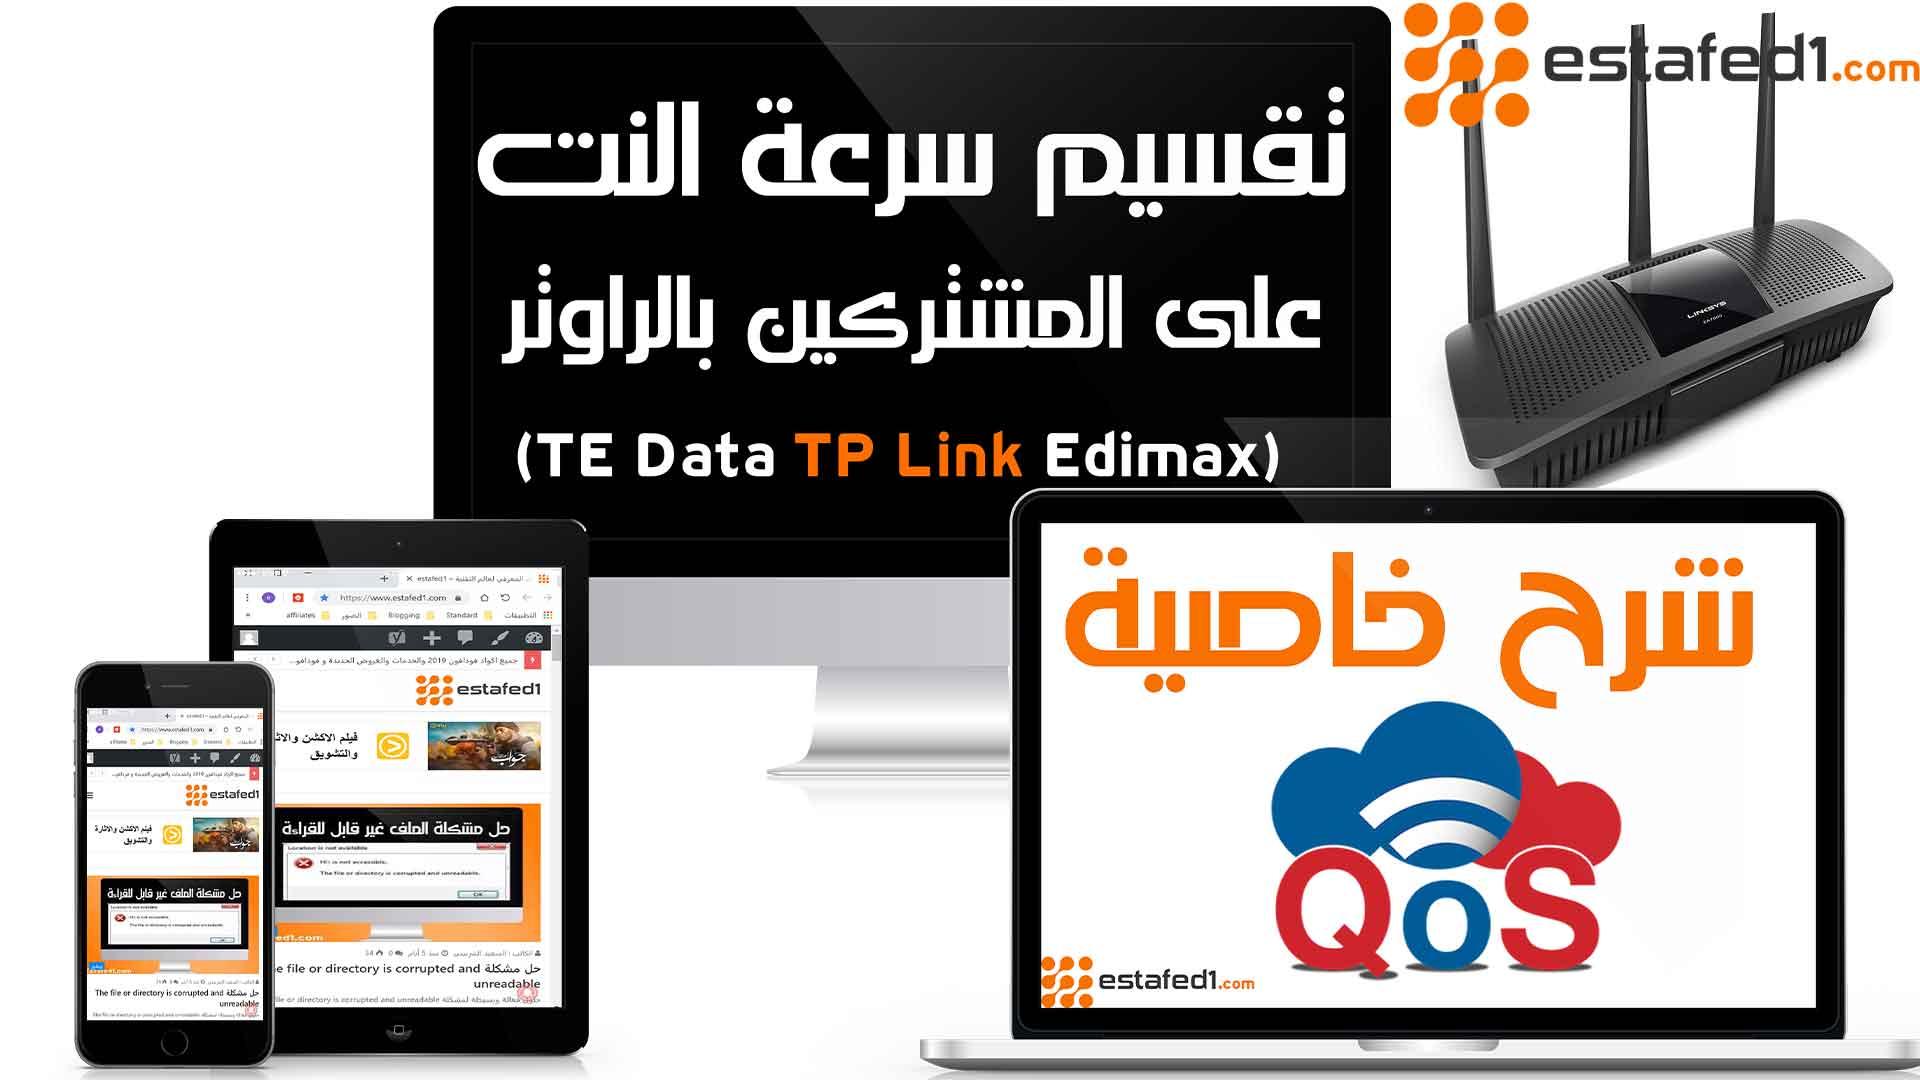 تقسيم سرعة النت على المشتركين من الراوتر (TE Data - TP Link - Edimax)